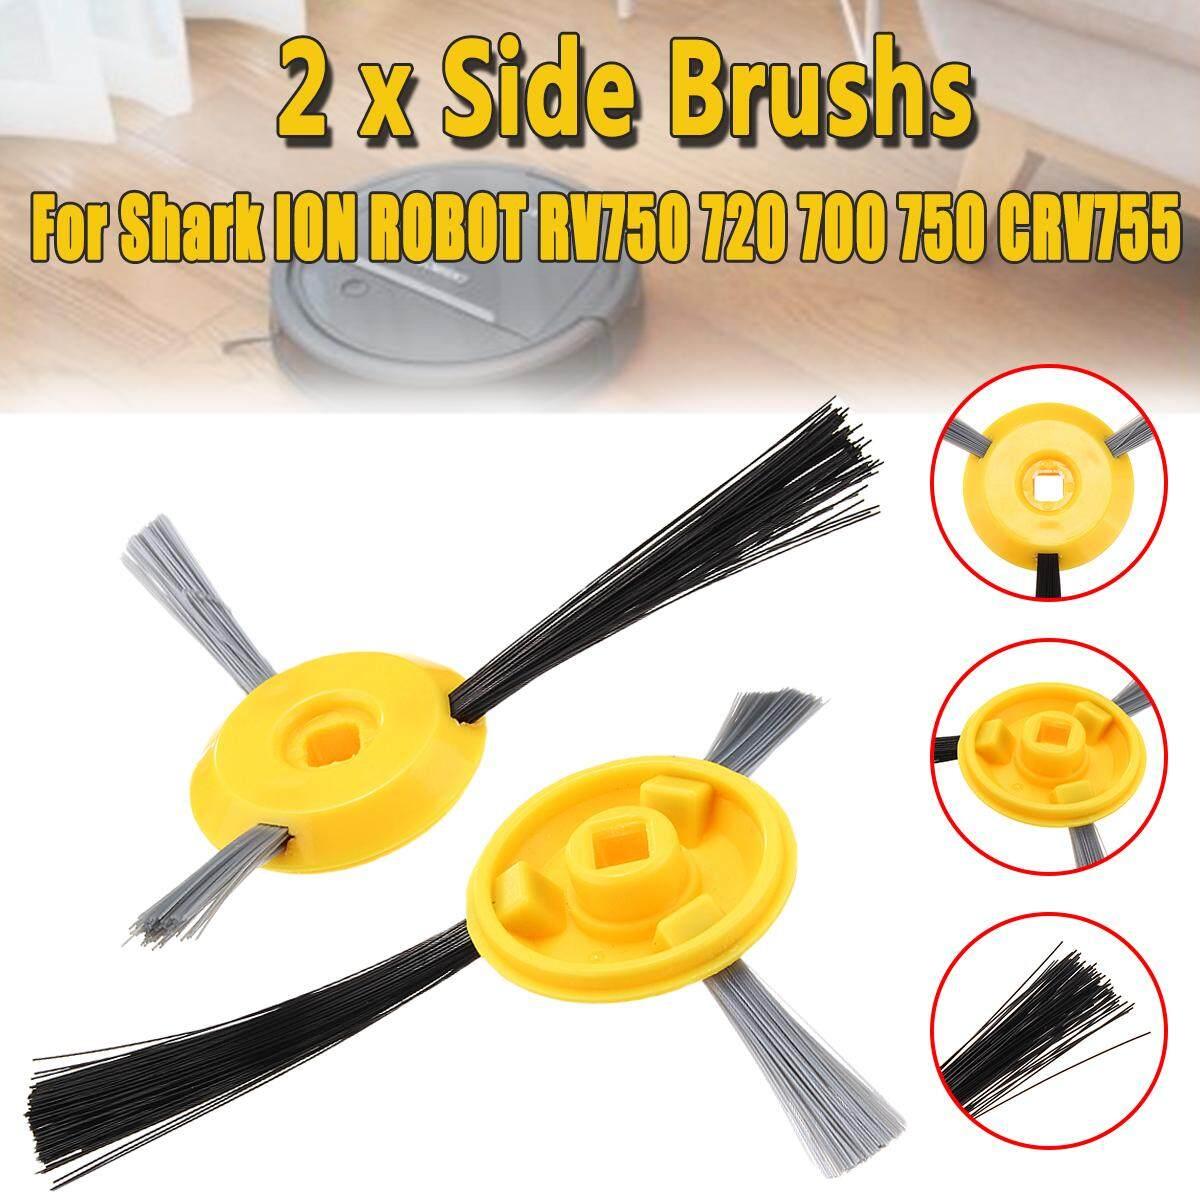 Chổi Quét Chính/Bên Brushs/Bộ Lọc Cho Cho Cá Mập ION ROBOT RV750 720 700 750 CRV755-Side Brushs